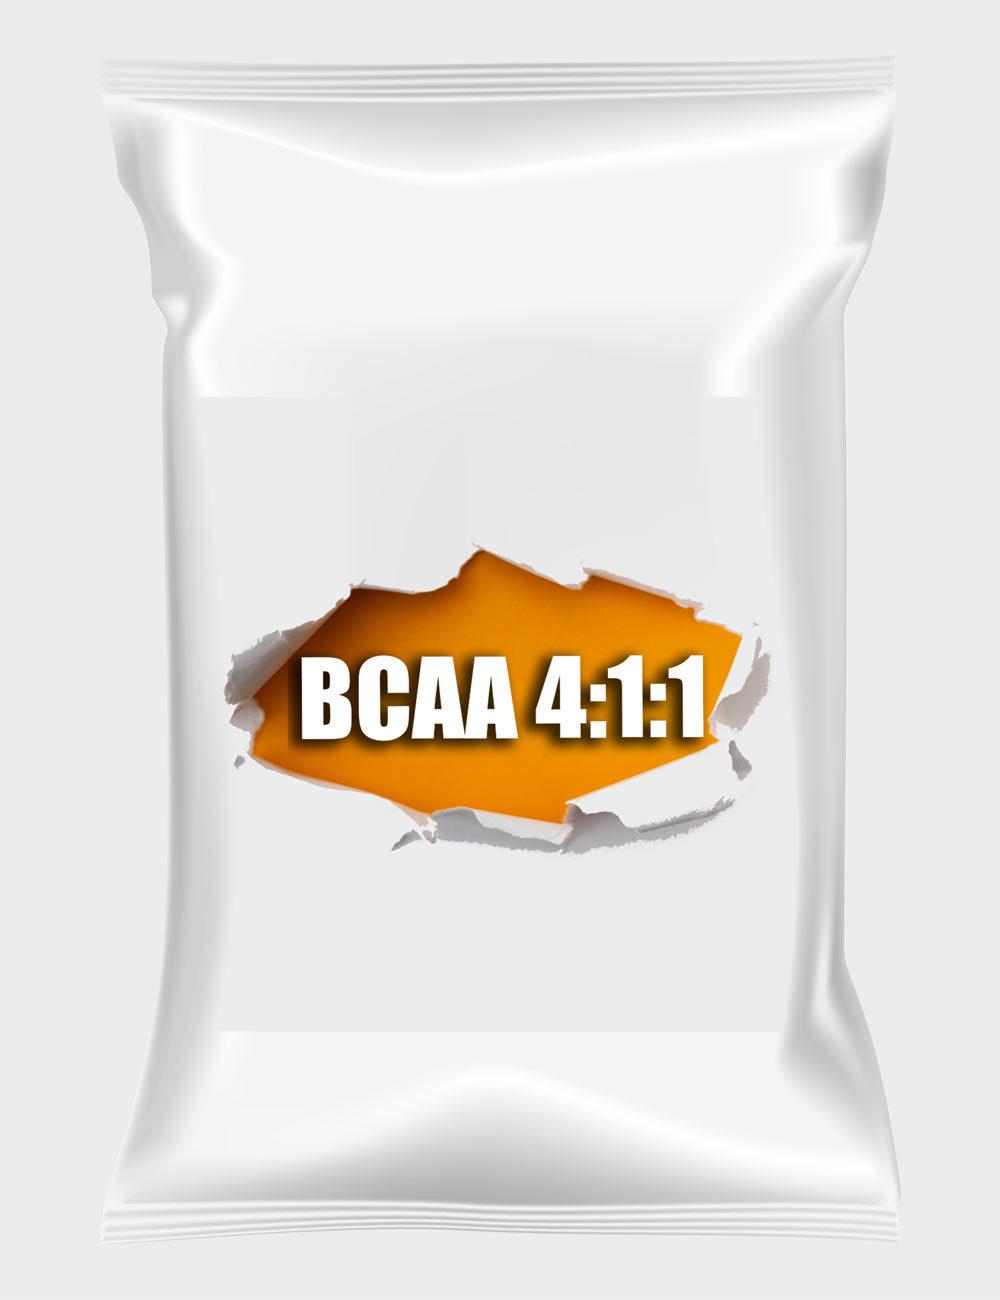 Купить bcaa оптом аминокислоты 4:1:1 в Украине 5 кг.- отзывы-цена. Спортивное питание оптом tvoy-prot.com.ua